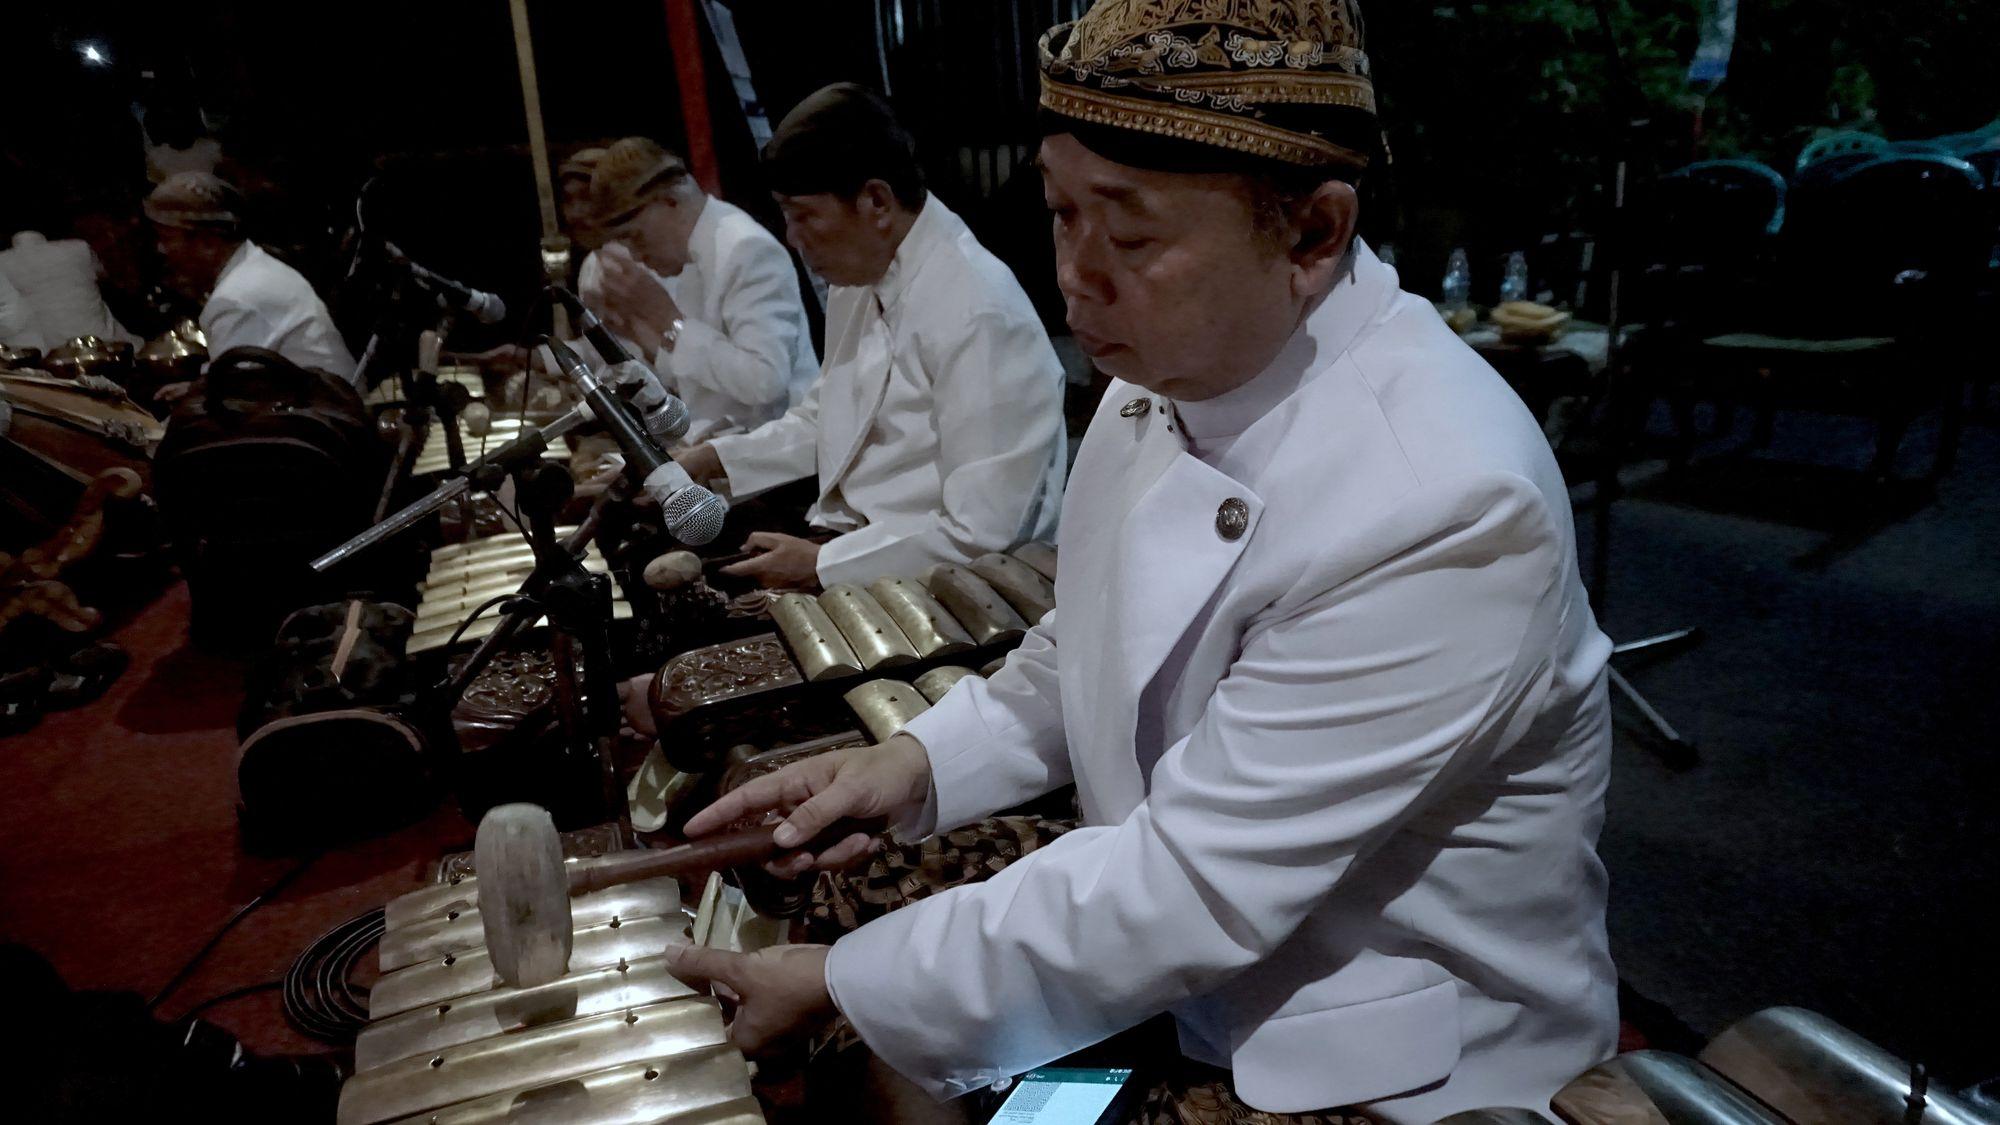 Unggah Ungguh dalam Bahasa Jawa yang Kian Terlupa